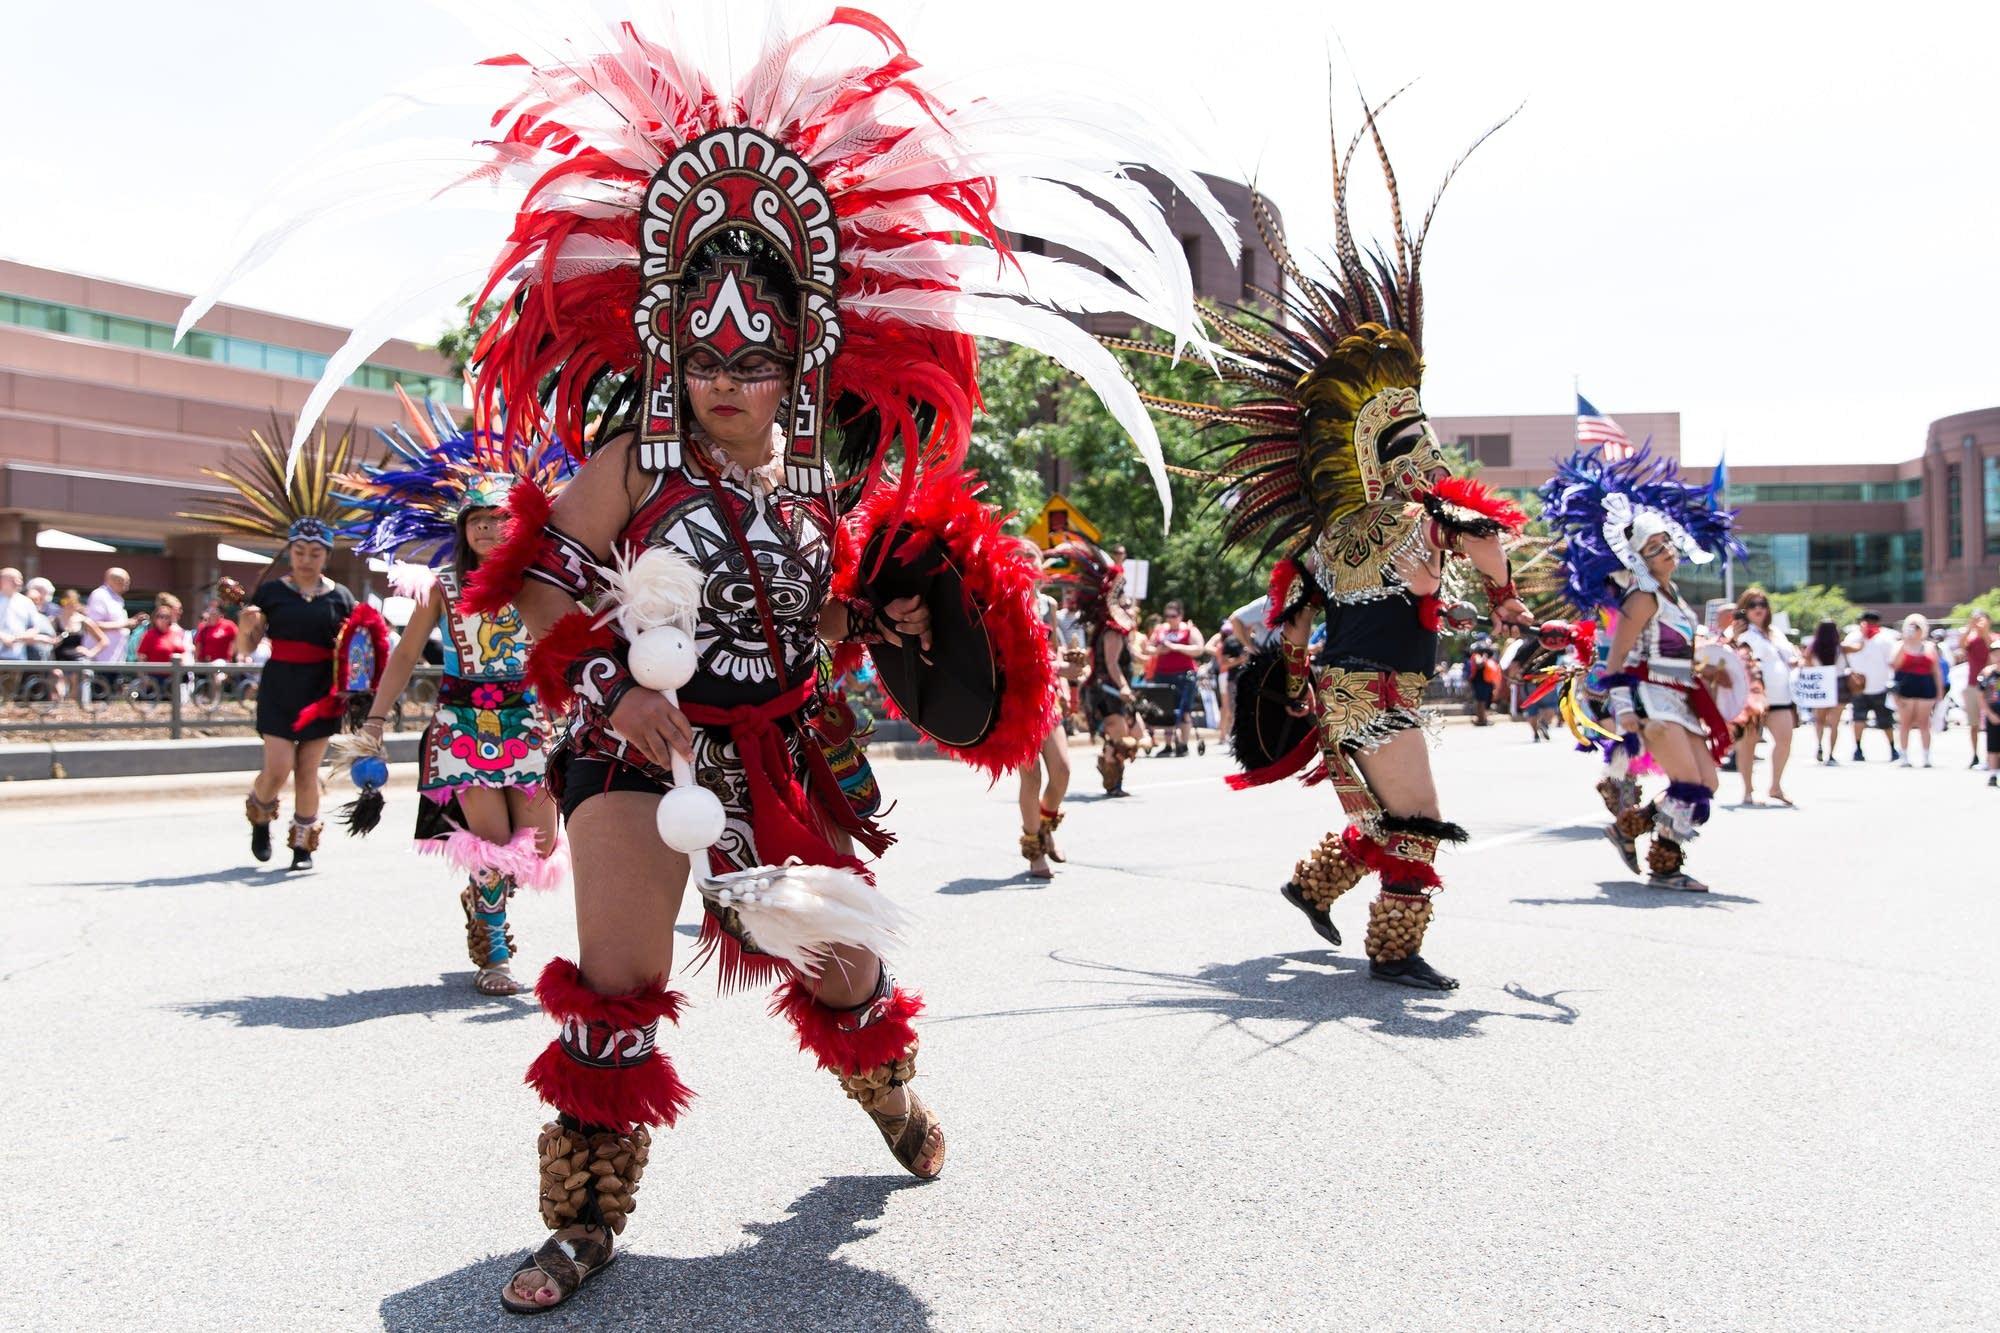 Members of the traditional Aztec dance group Kalpulli Ketzal Coatlicue.